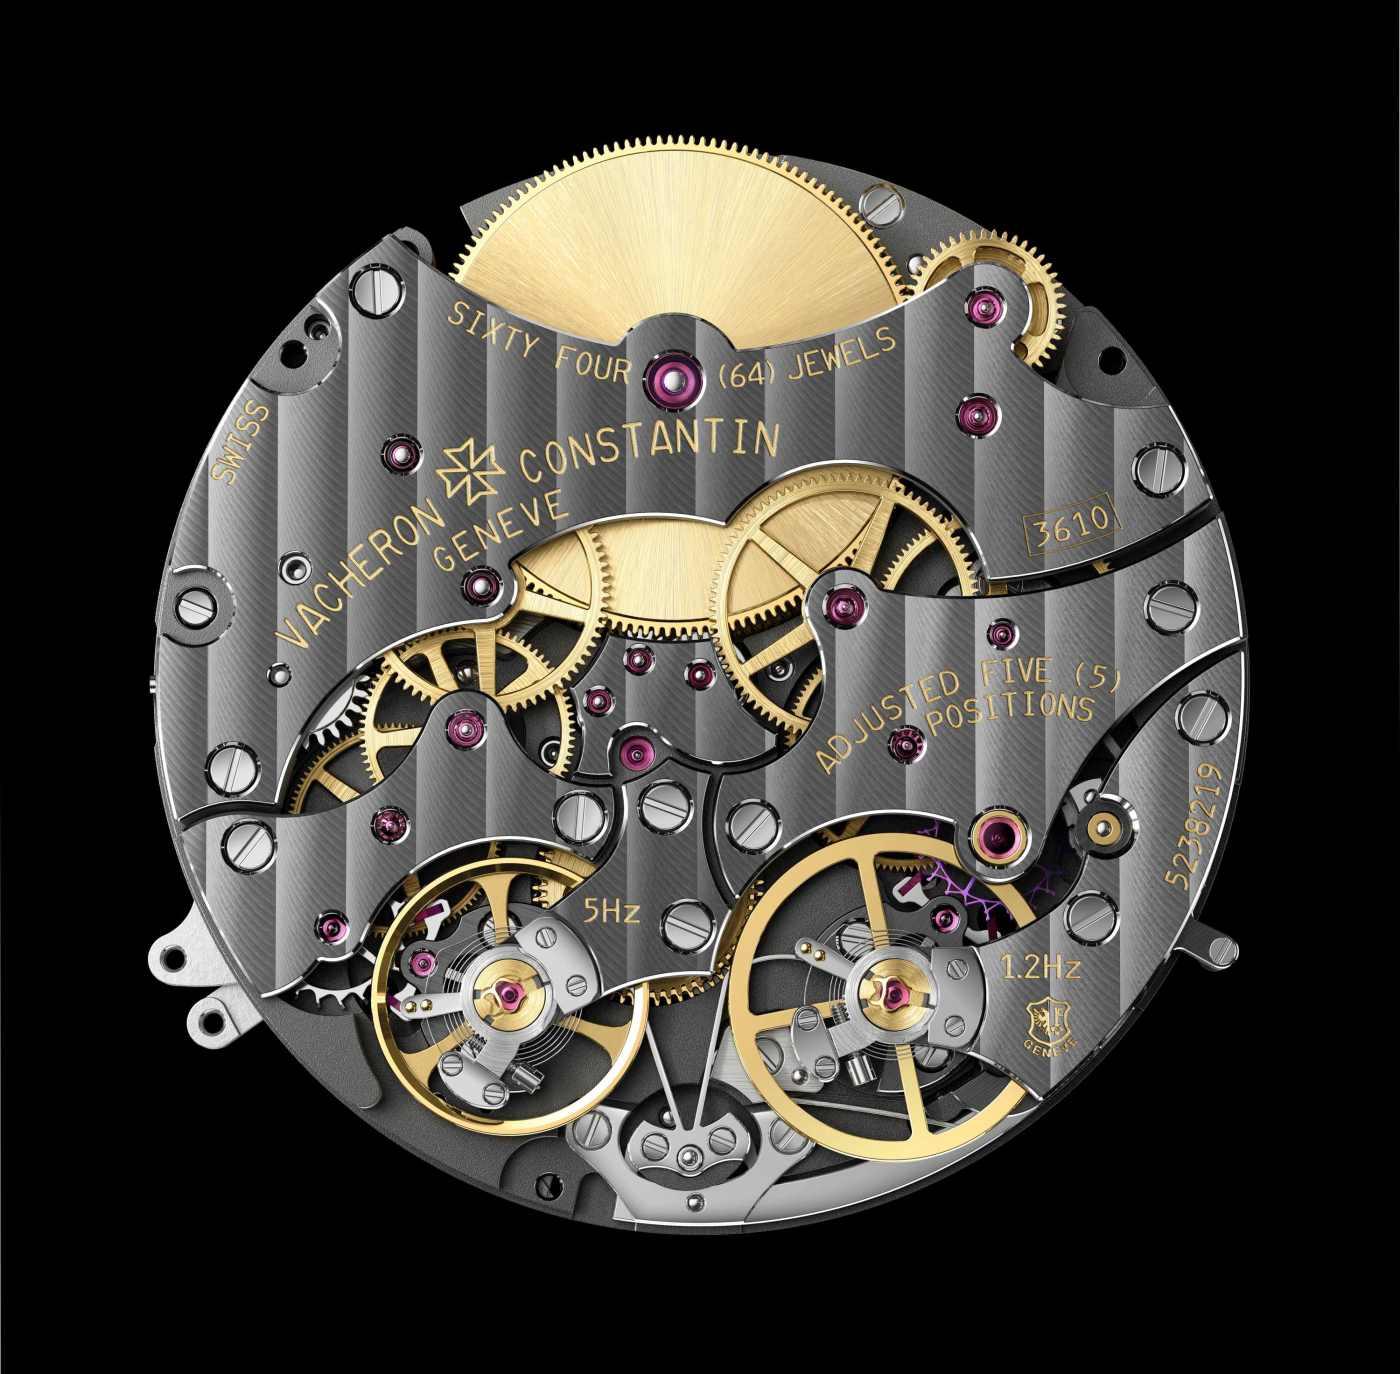 Vacheron Constantin caliber 3610 QP with dark NAC coating